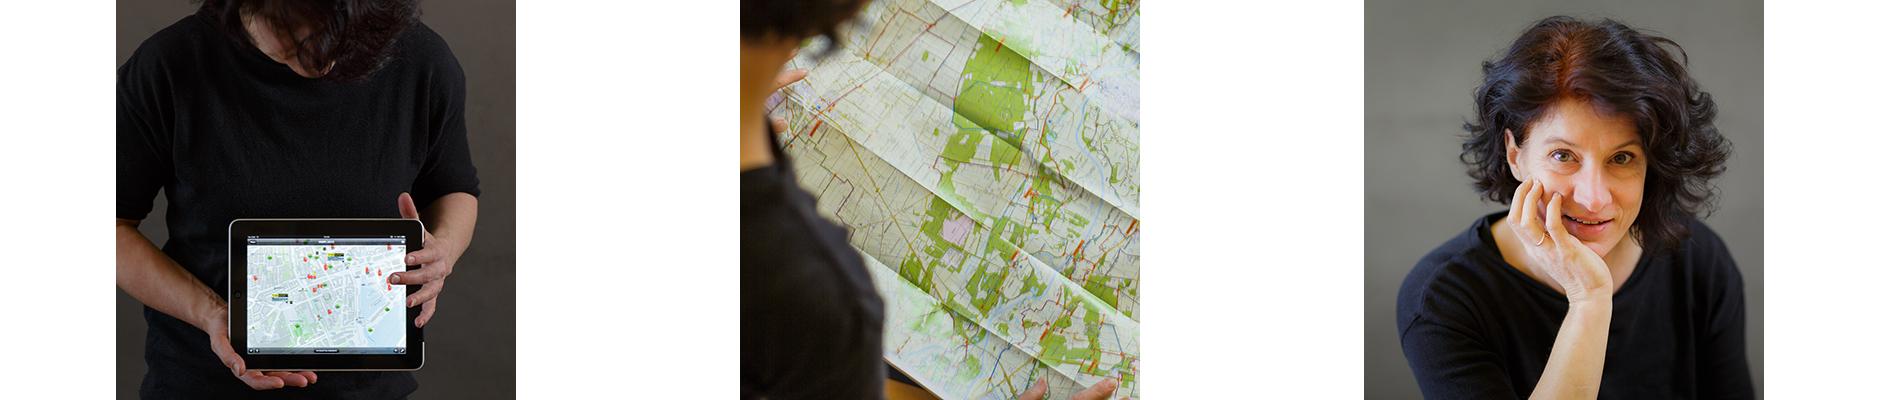 3x landkaartje winifred